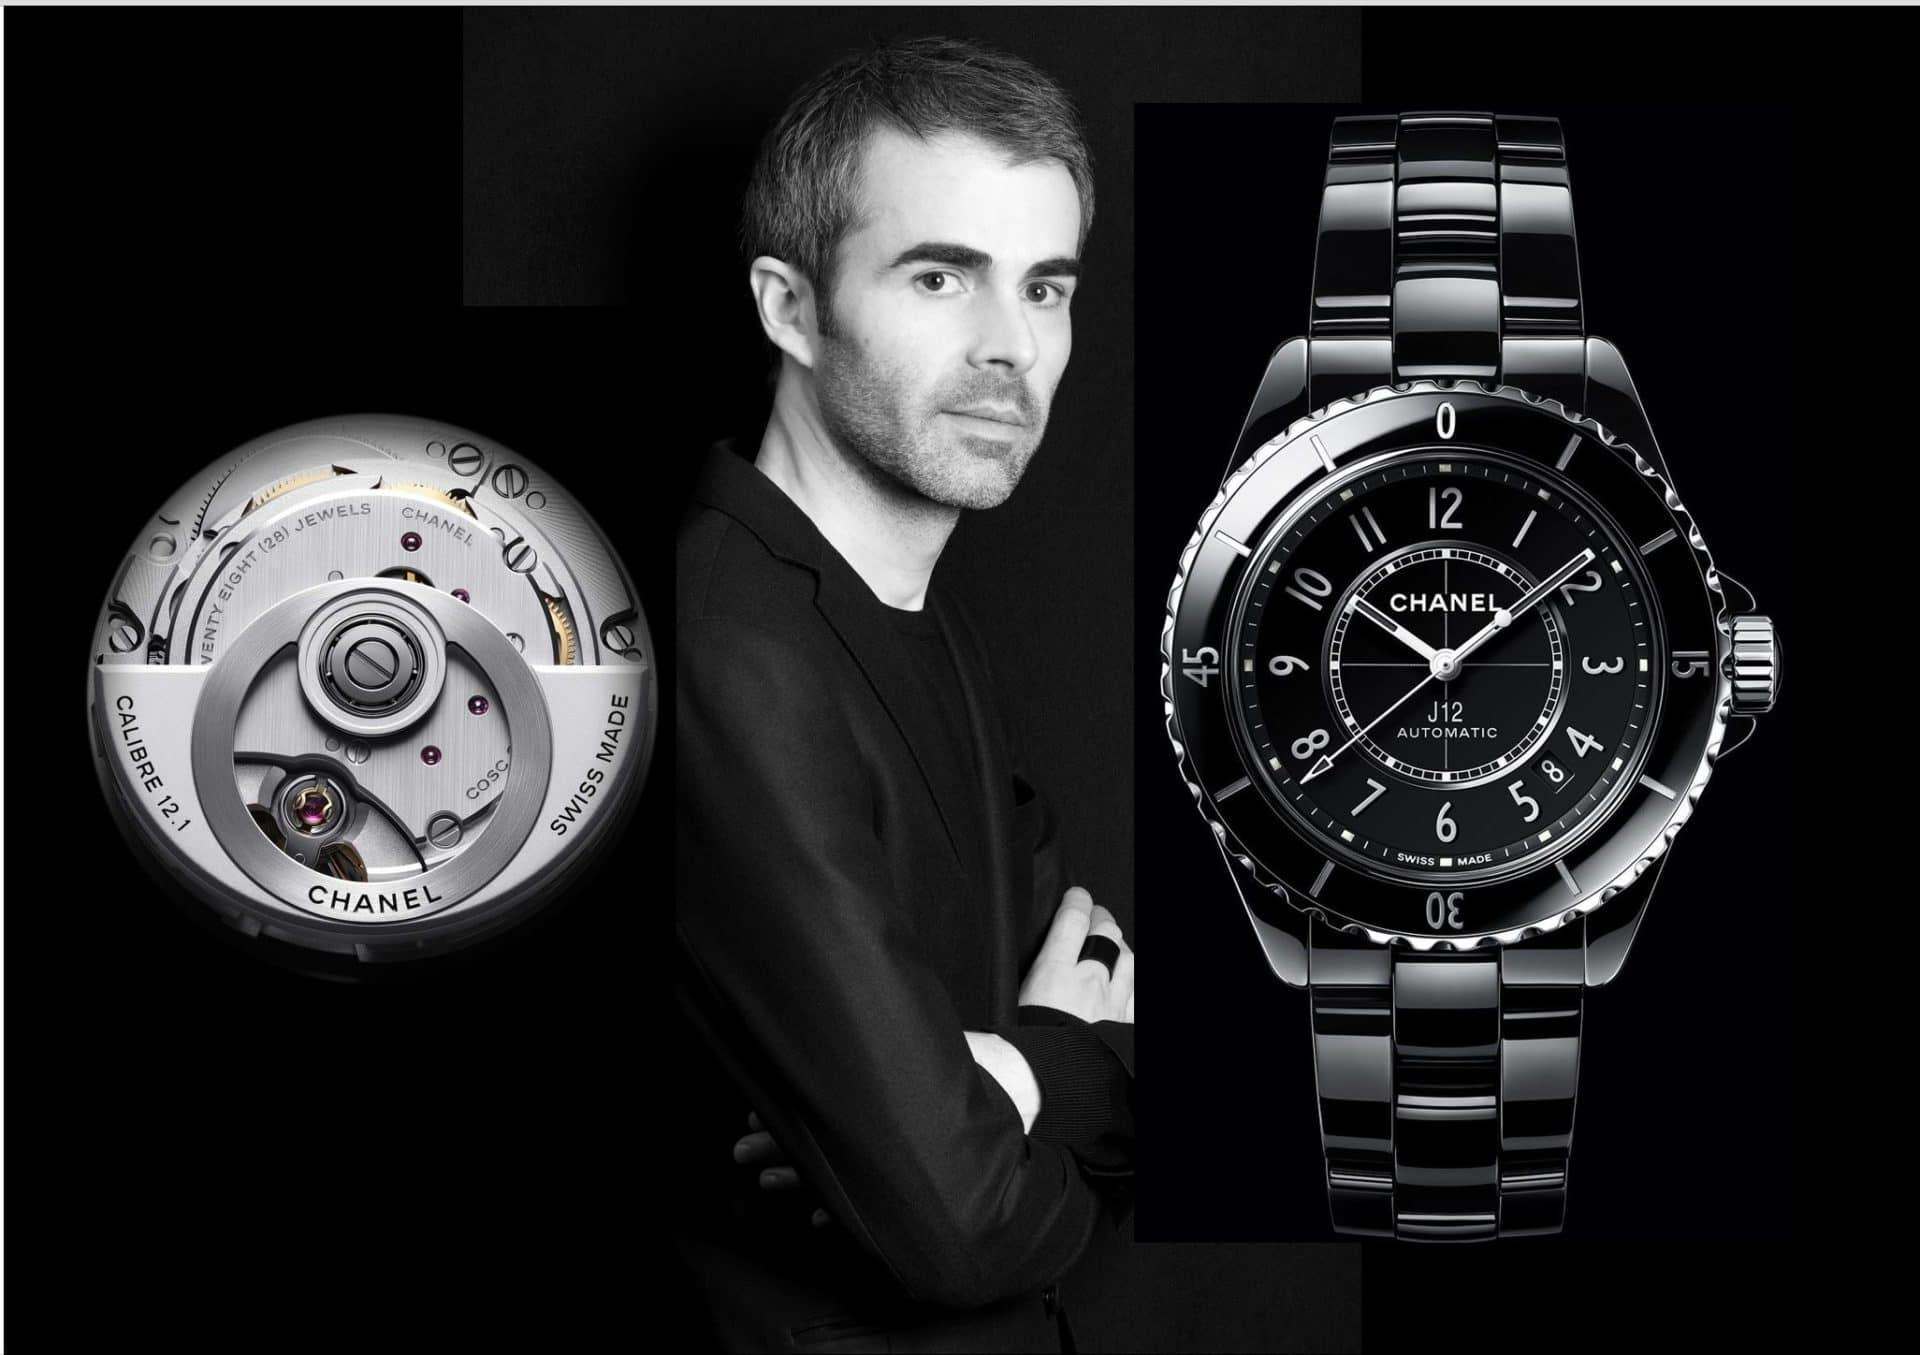 Chrono Sapiens: Arnaud Chastaingt, Chanel - Gestaltung der Chanel J12 Arnaud Chastaingt zur Chanel J12 Gestaltung: Revolutionen finden nur einmal statt!